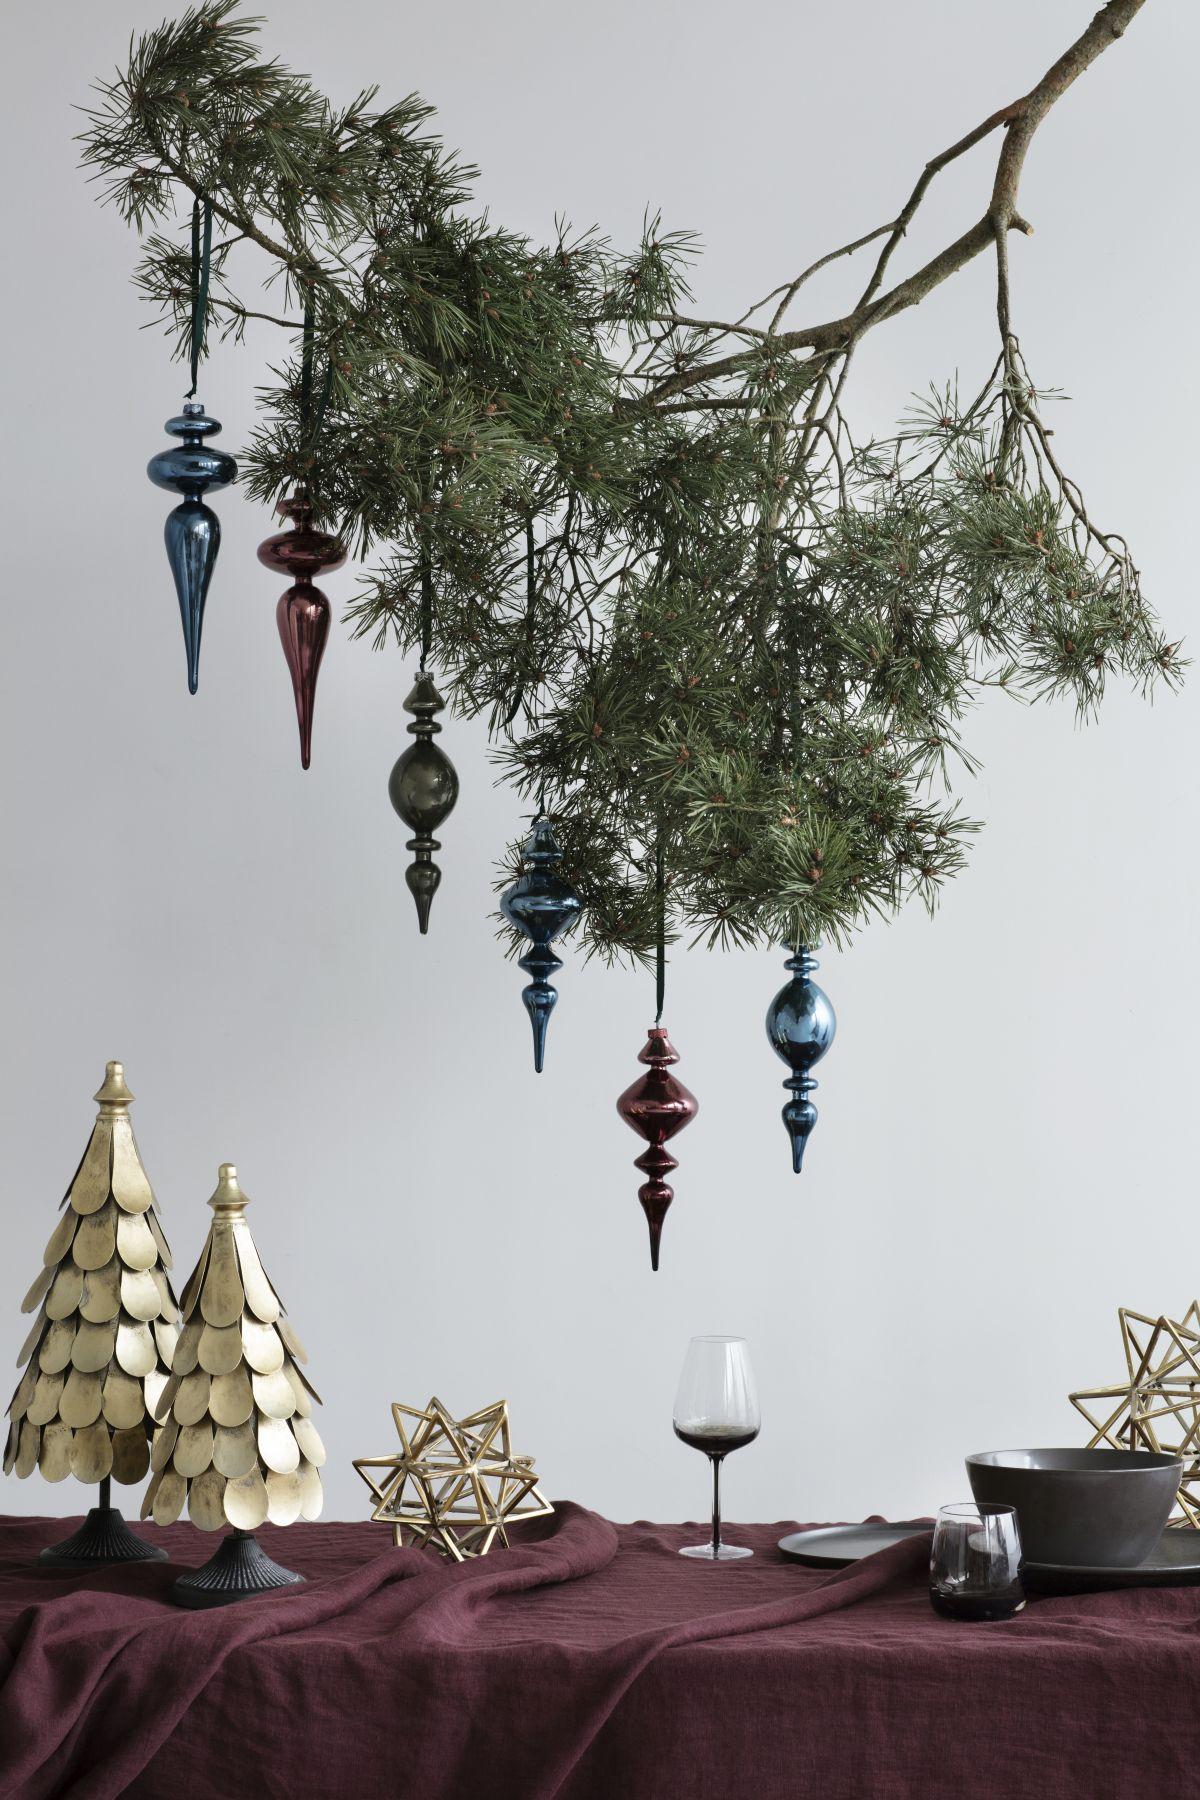 dekoracje choinkowe i świąteczne - Broste Copenhagen